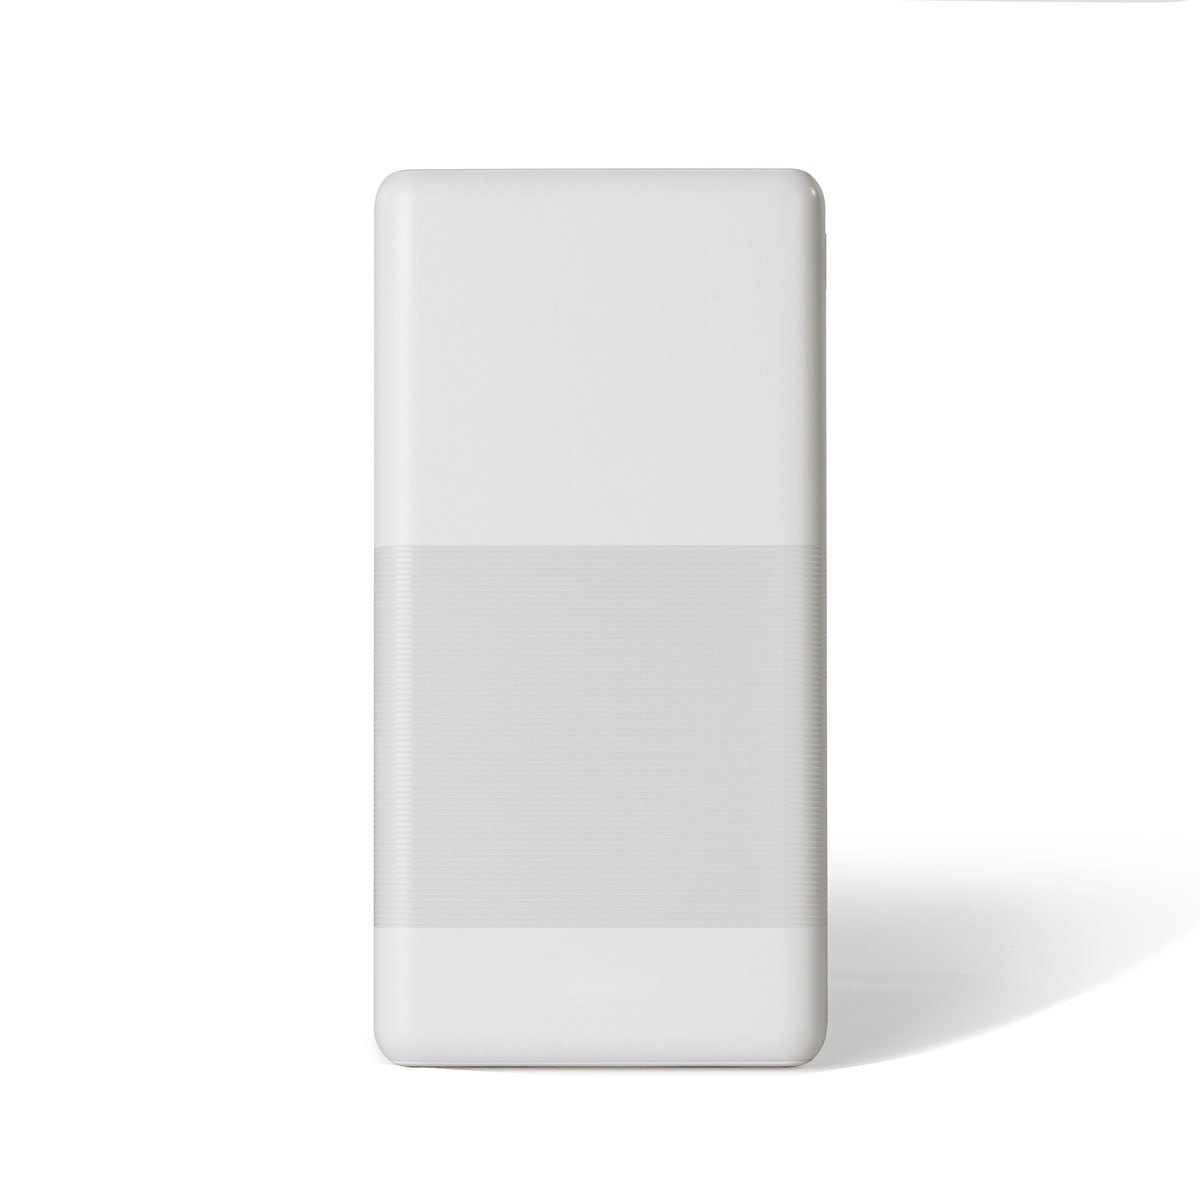 Batterie de secours en abs blanc